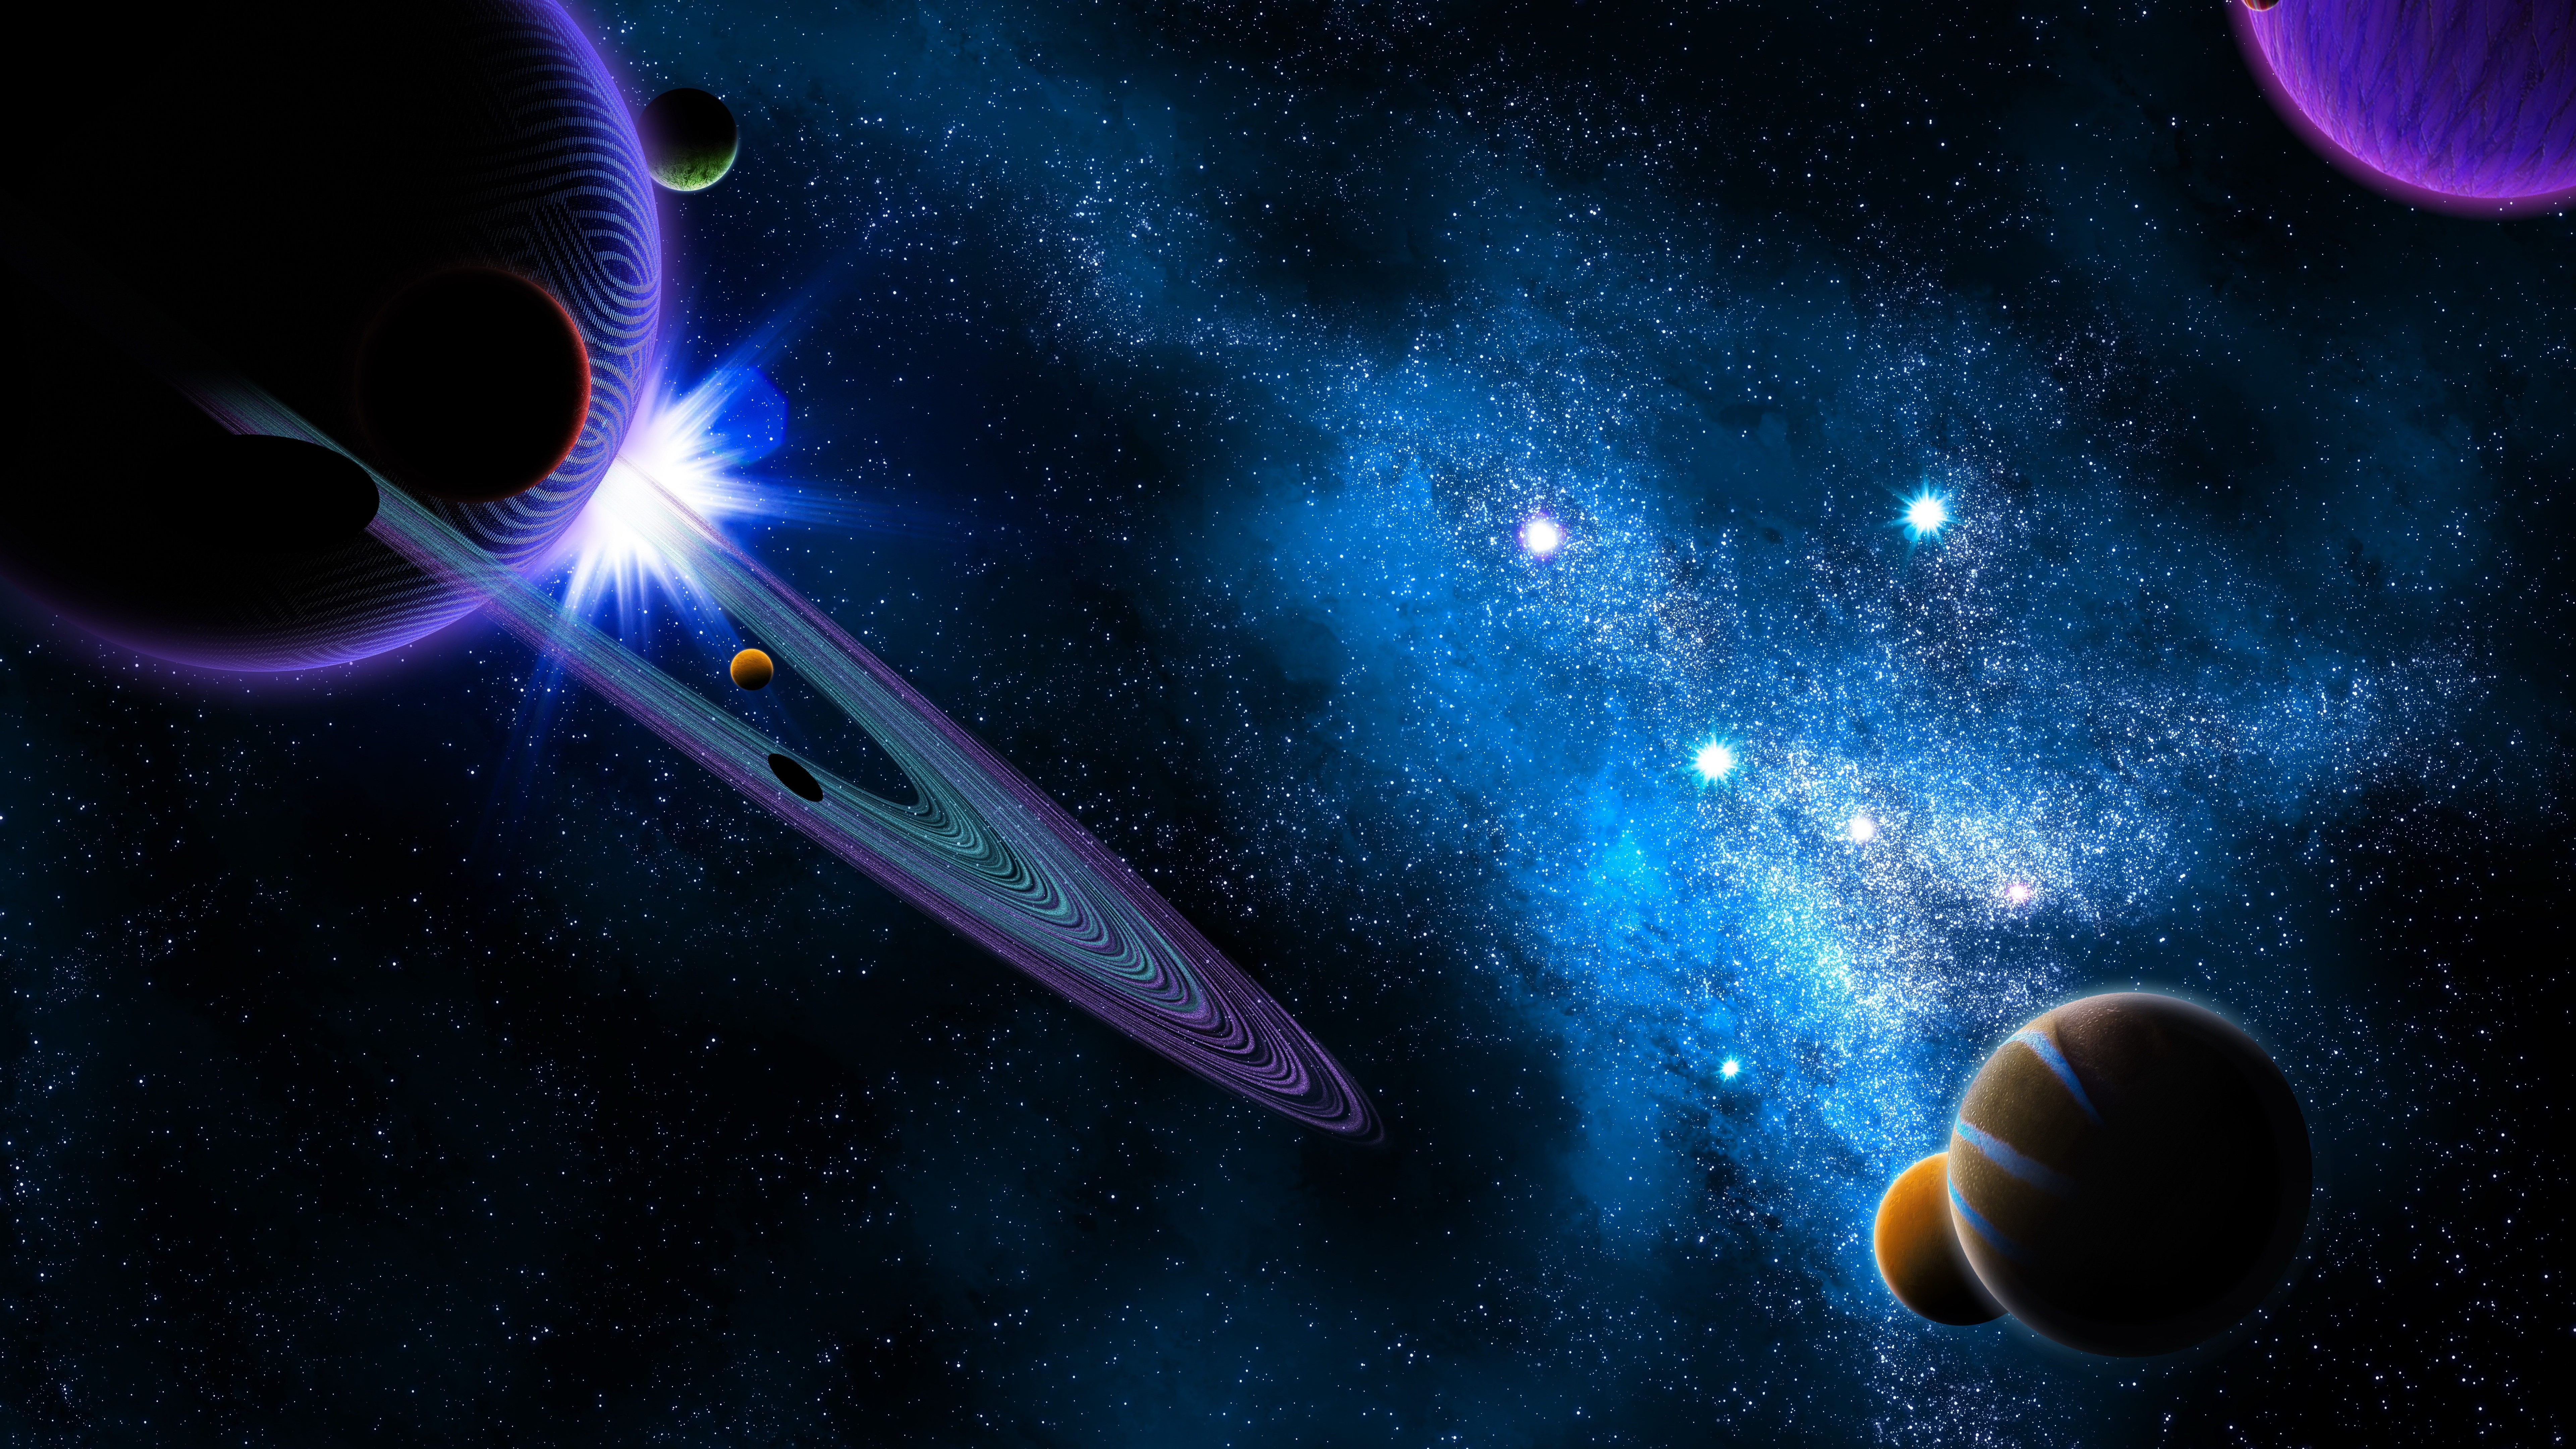 Fondos de pantalla Saturno y otros planetas